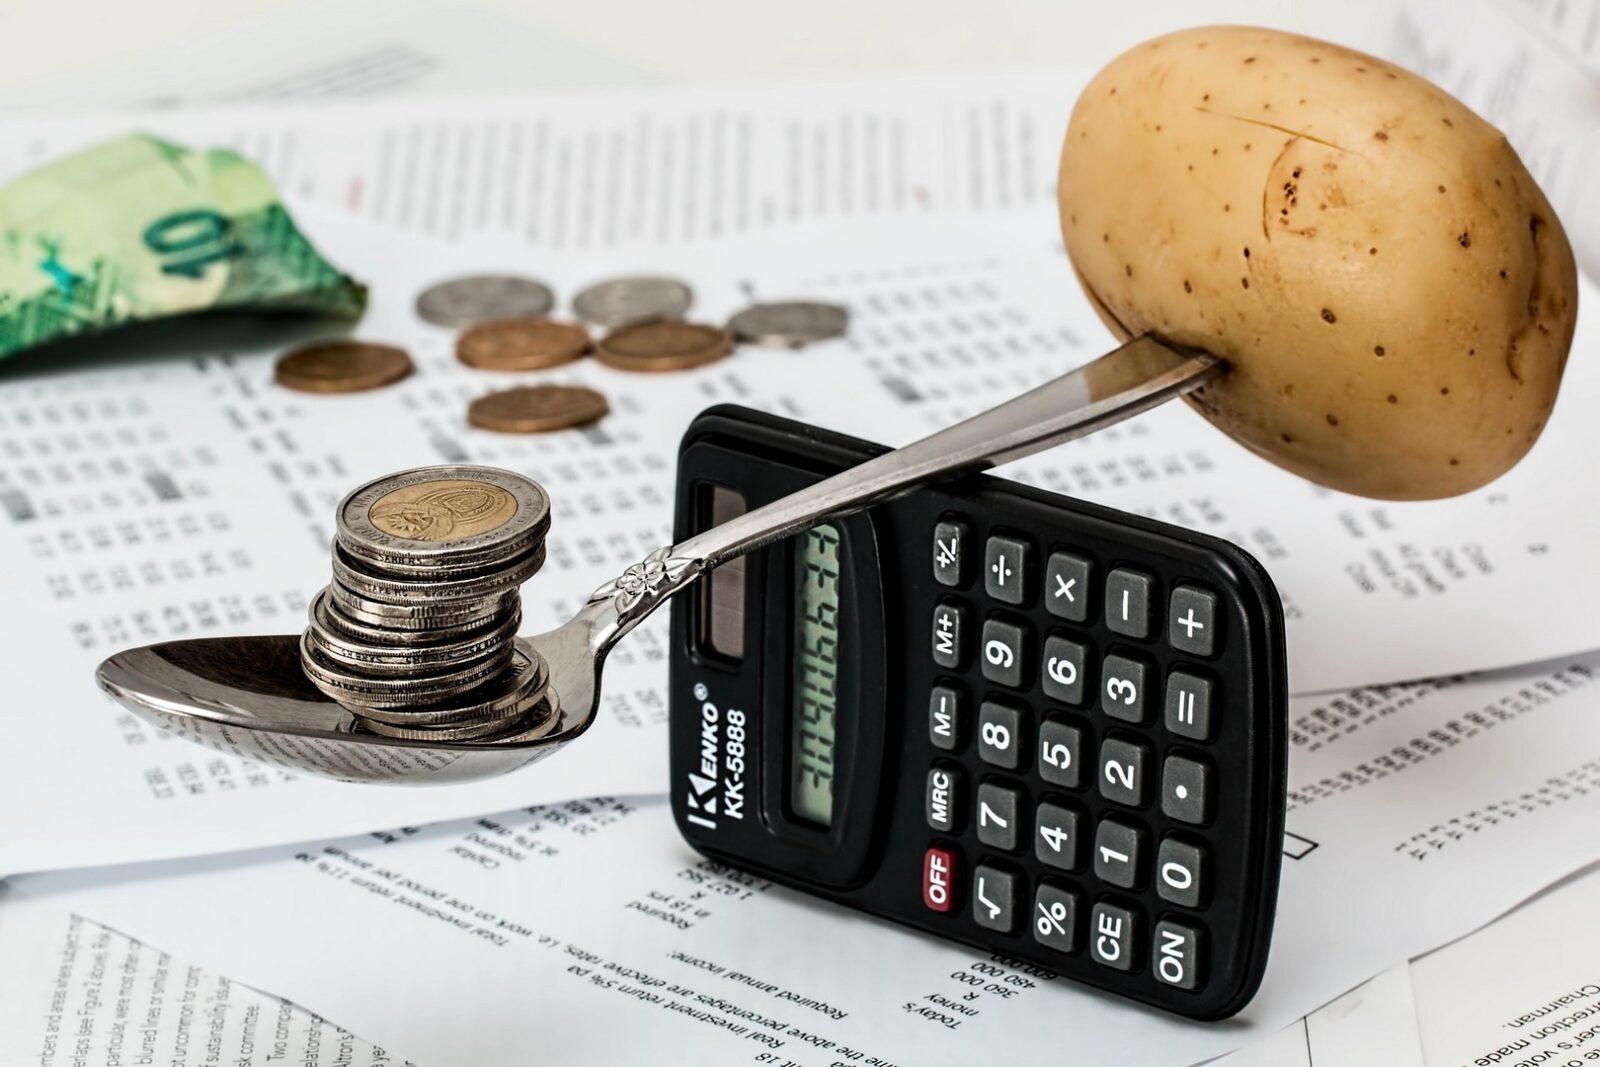 Risparmiare, che fatica! Alcuni consigli per tagliare i costi della spesa alimentare